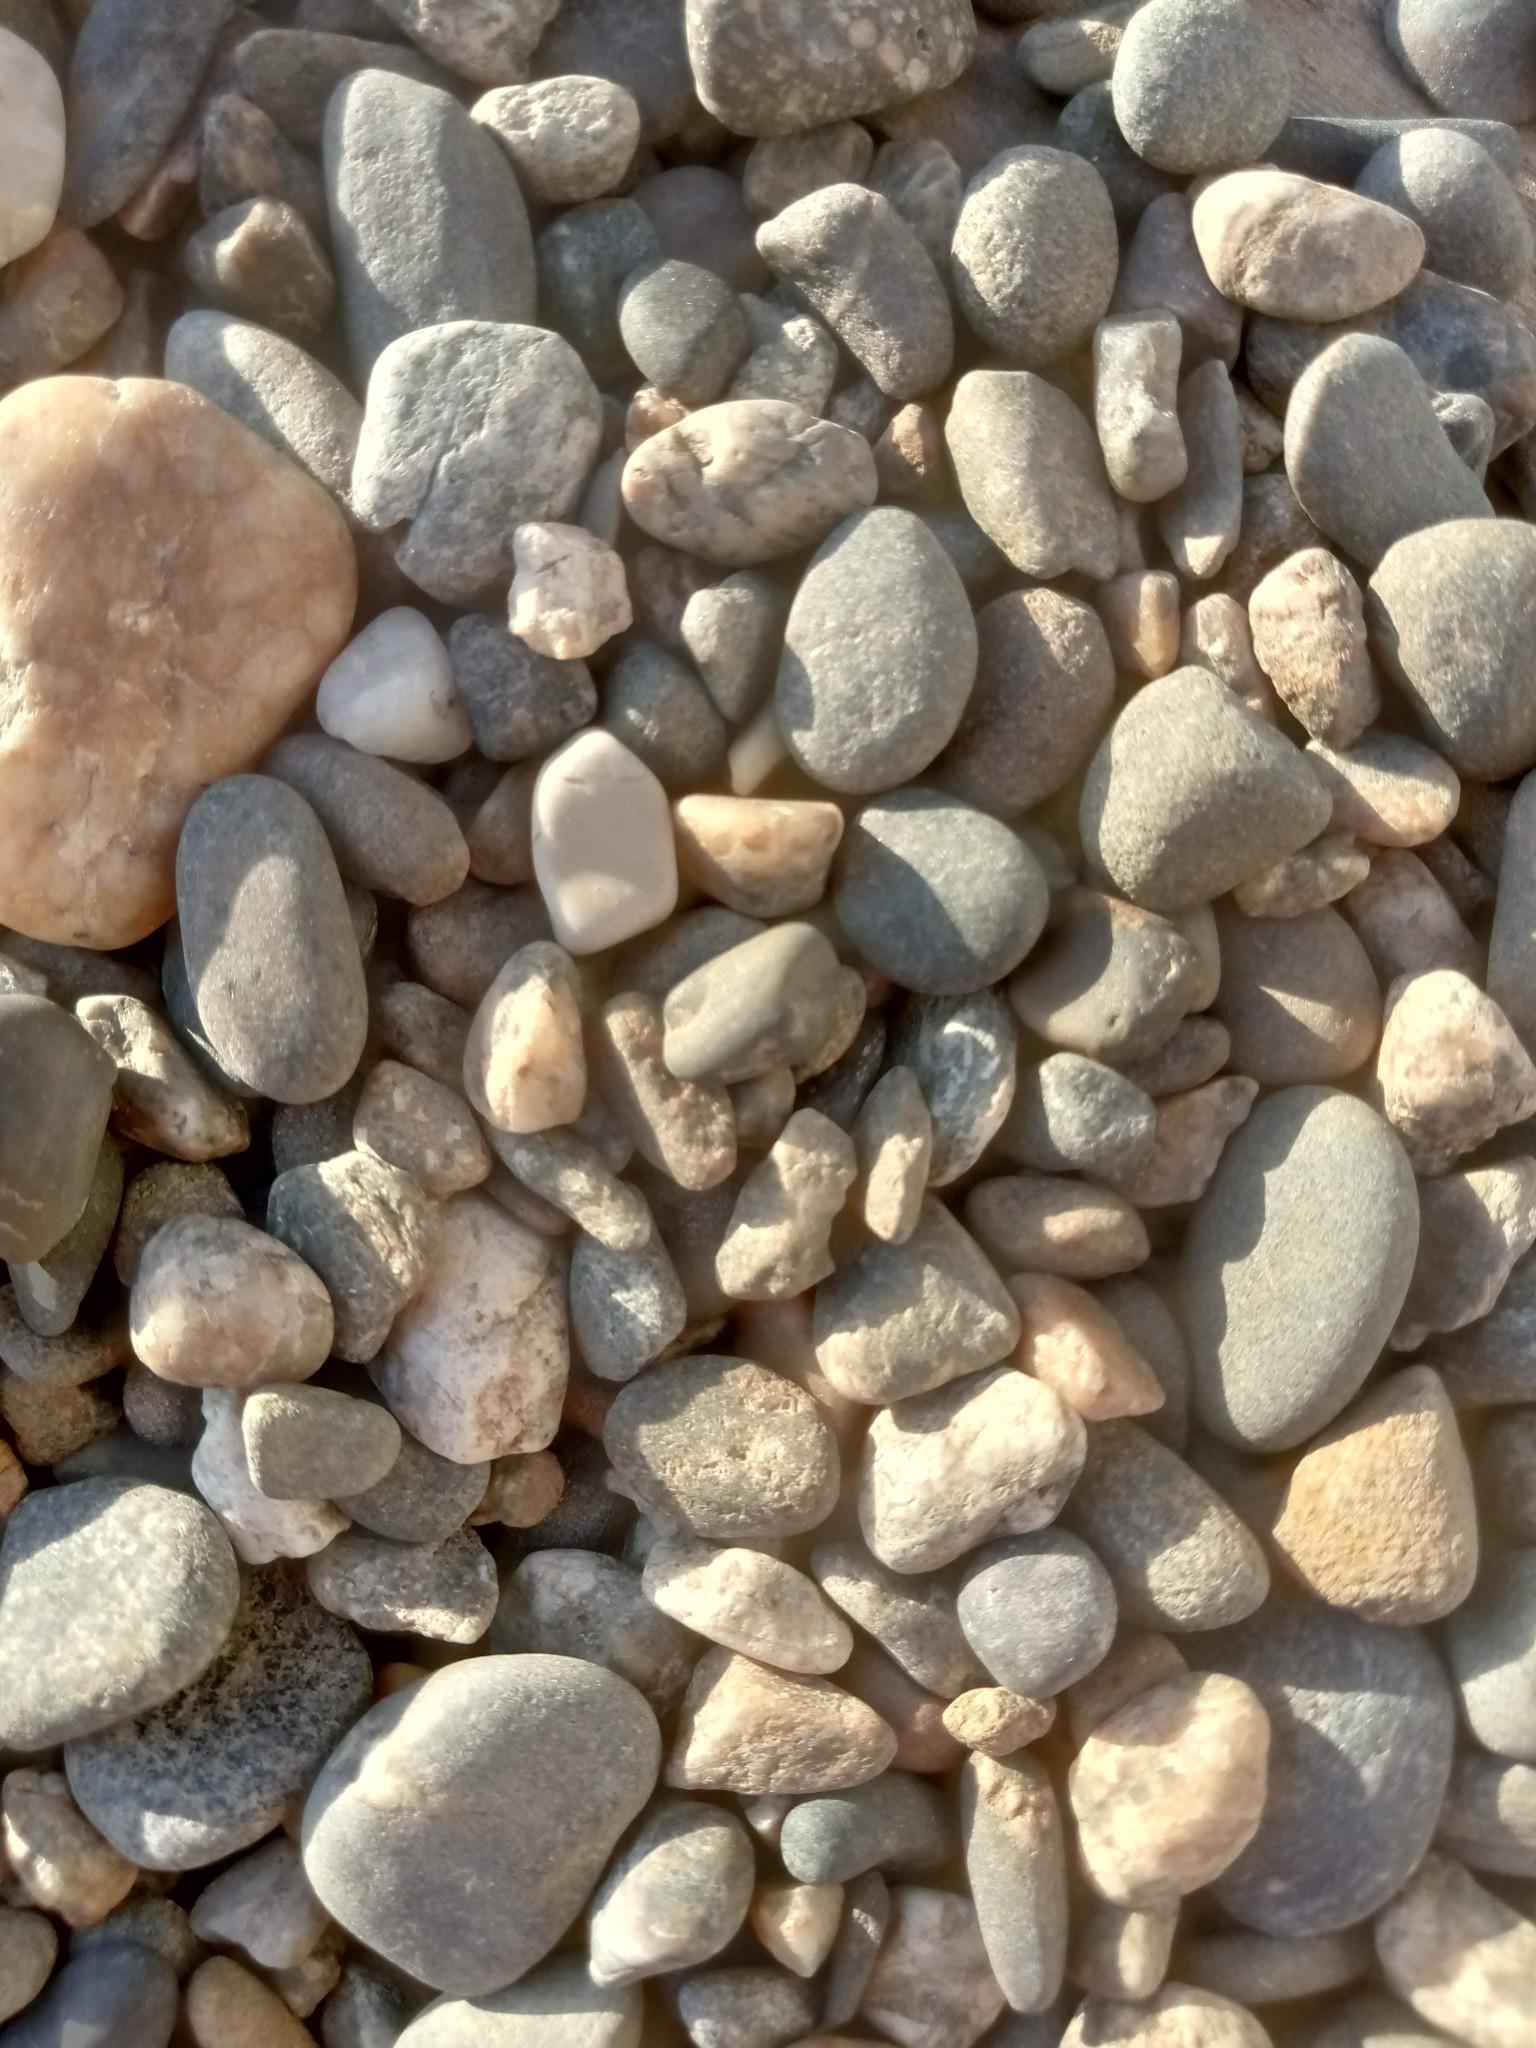 Stones texture - sea stones photo